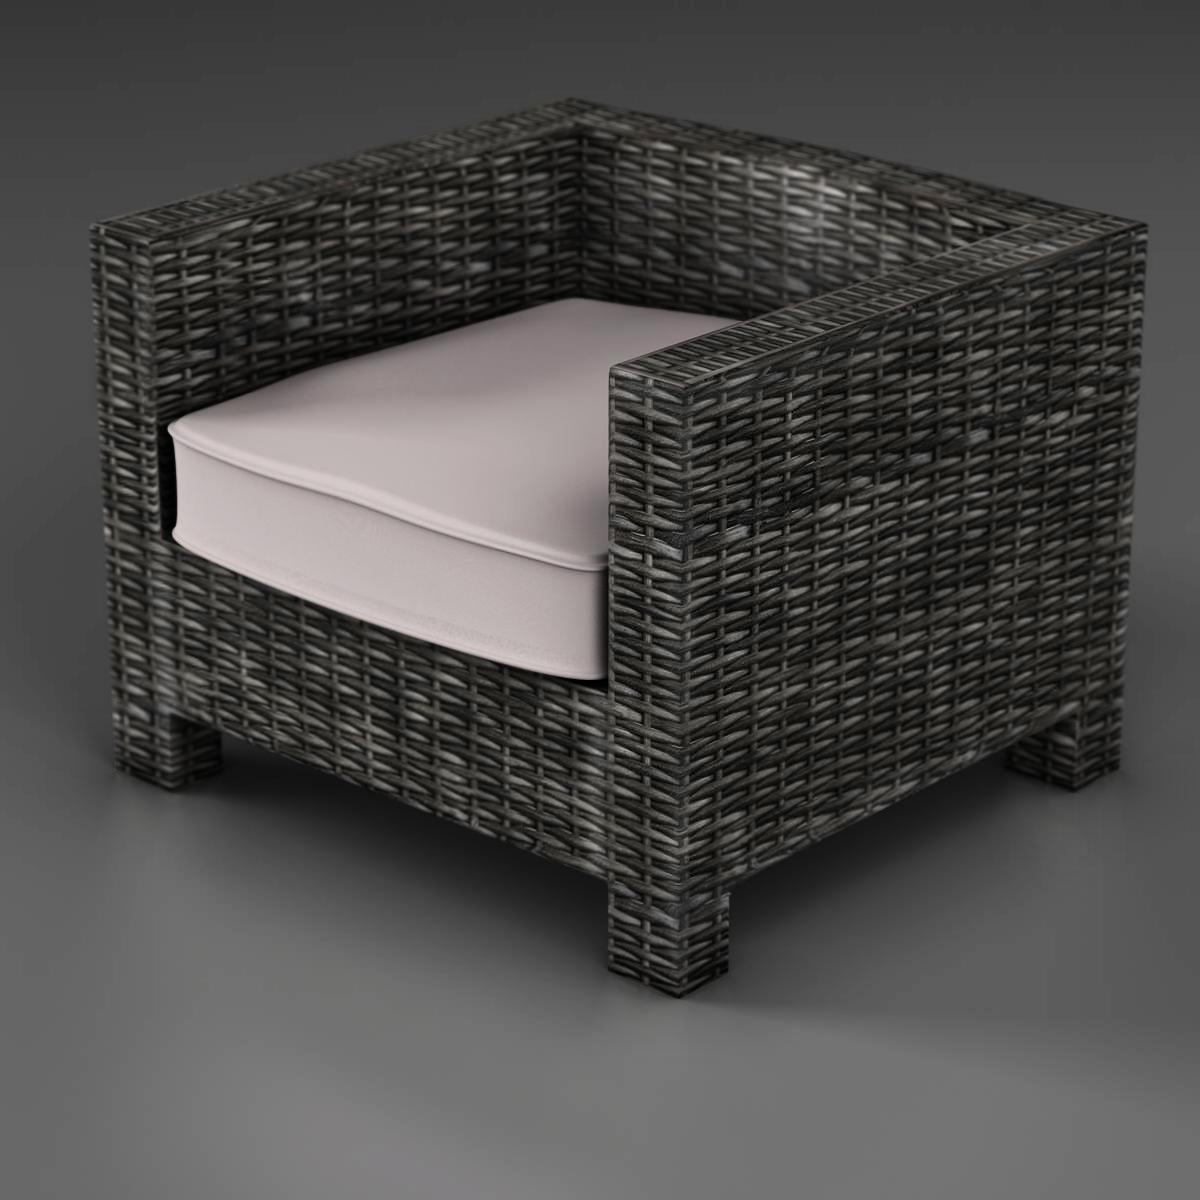 pīts dīvāns 3d modelis 3ds max fbx c4d ma mb obj 162332